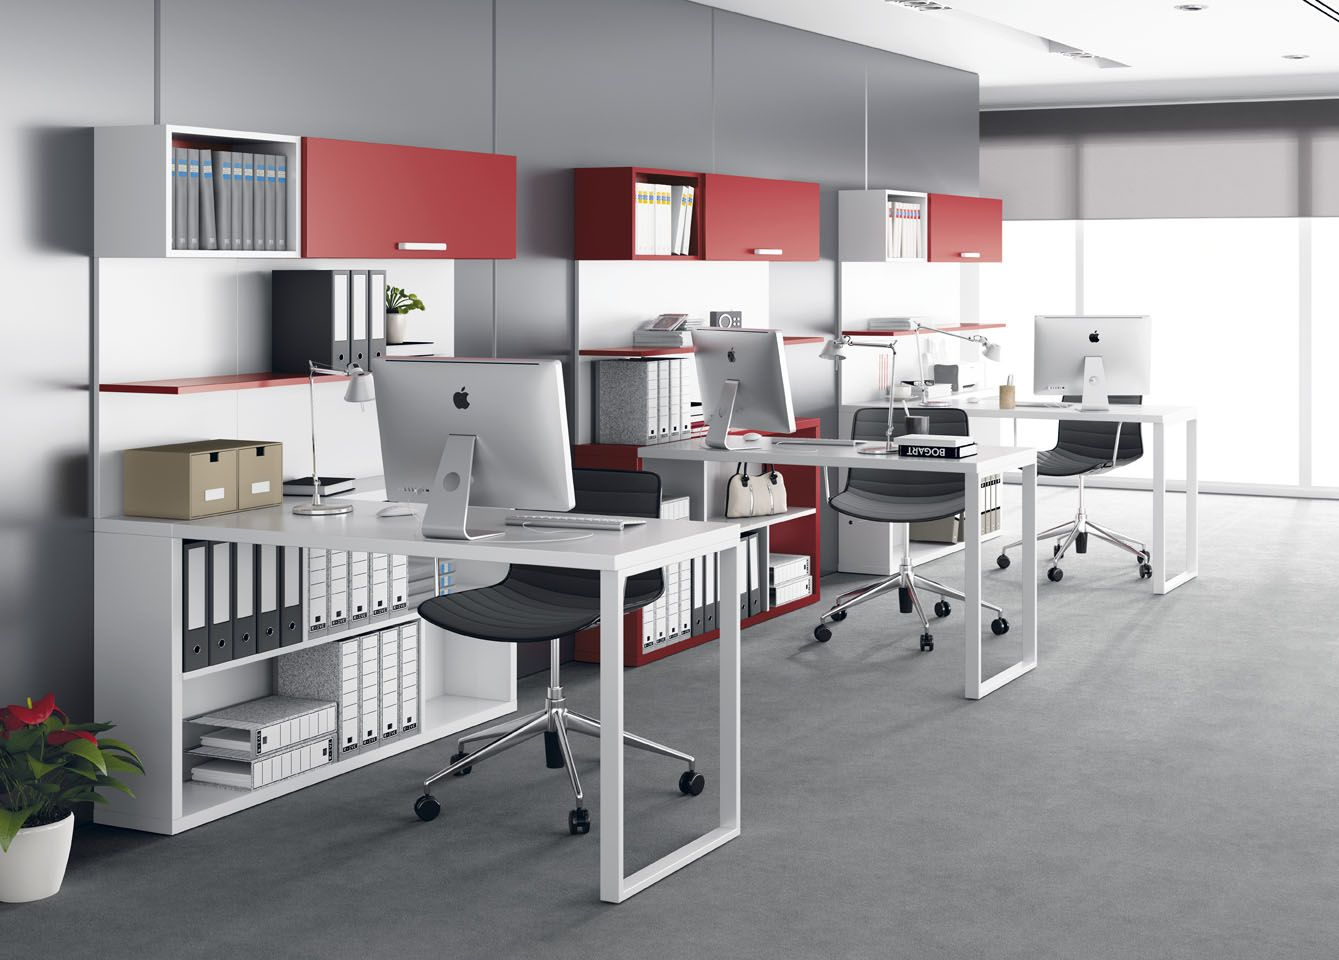 Oficina moderna decoracion buscar con google design for Decoracion oficina